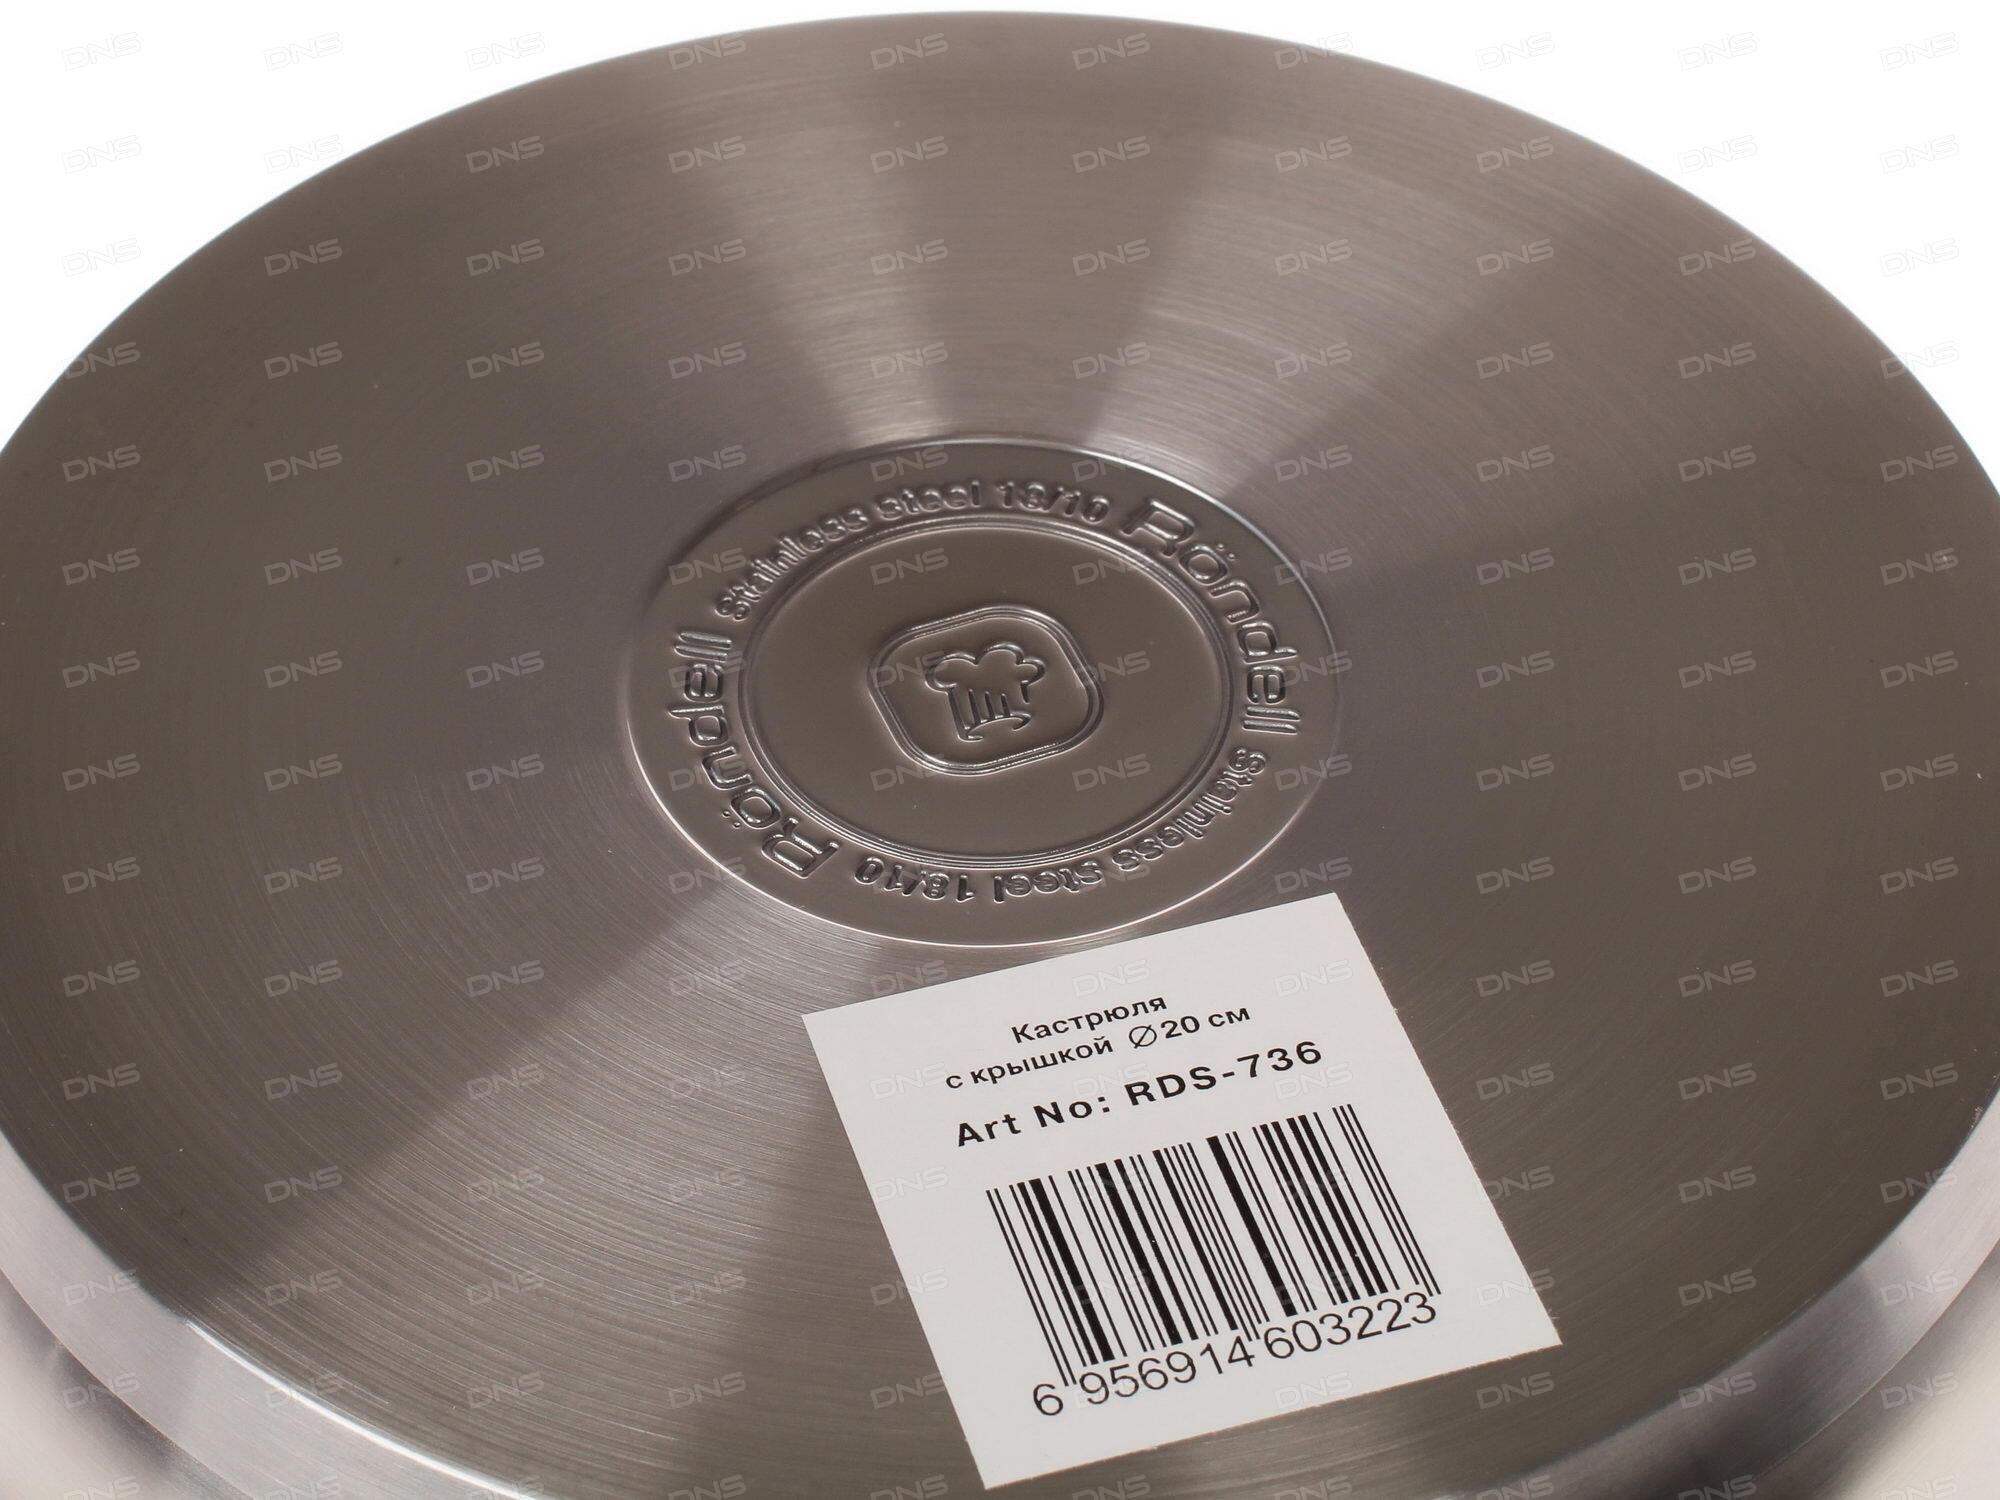 Кастрюля Rondell Dominant (ST) 832-RDS 20 см 3.3 л нержавеющая сталь